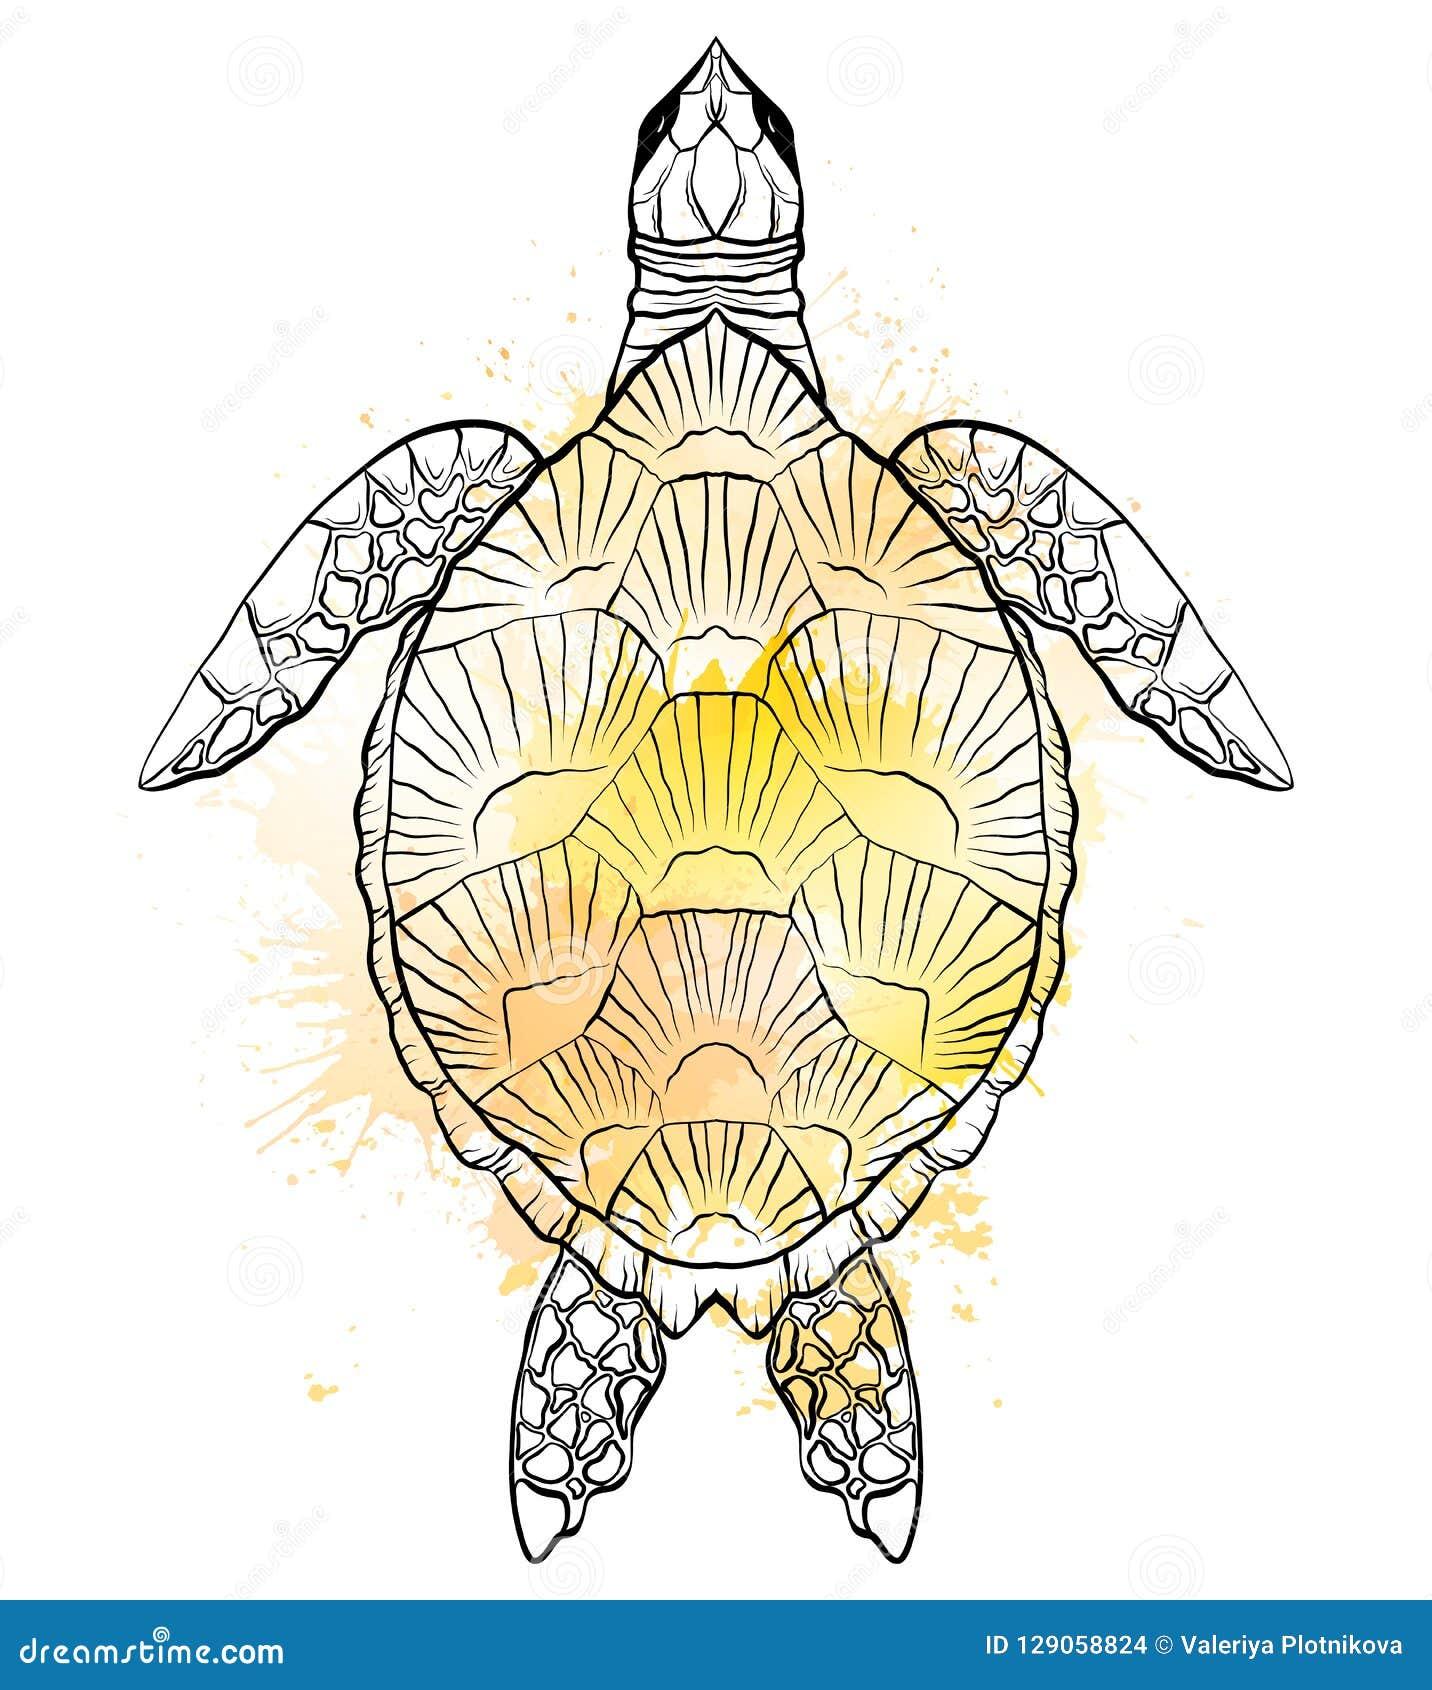 乌龟的等高黑白例证与黄色水彩的飞溅 对象是分别于背景